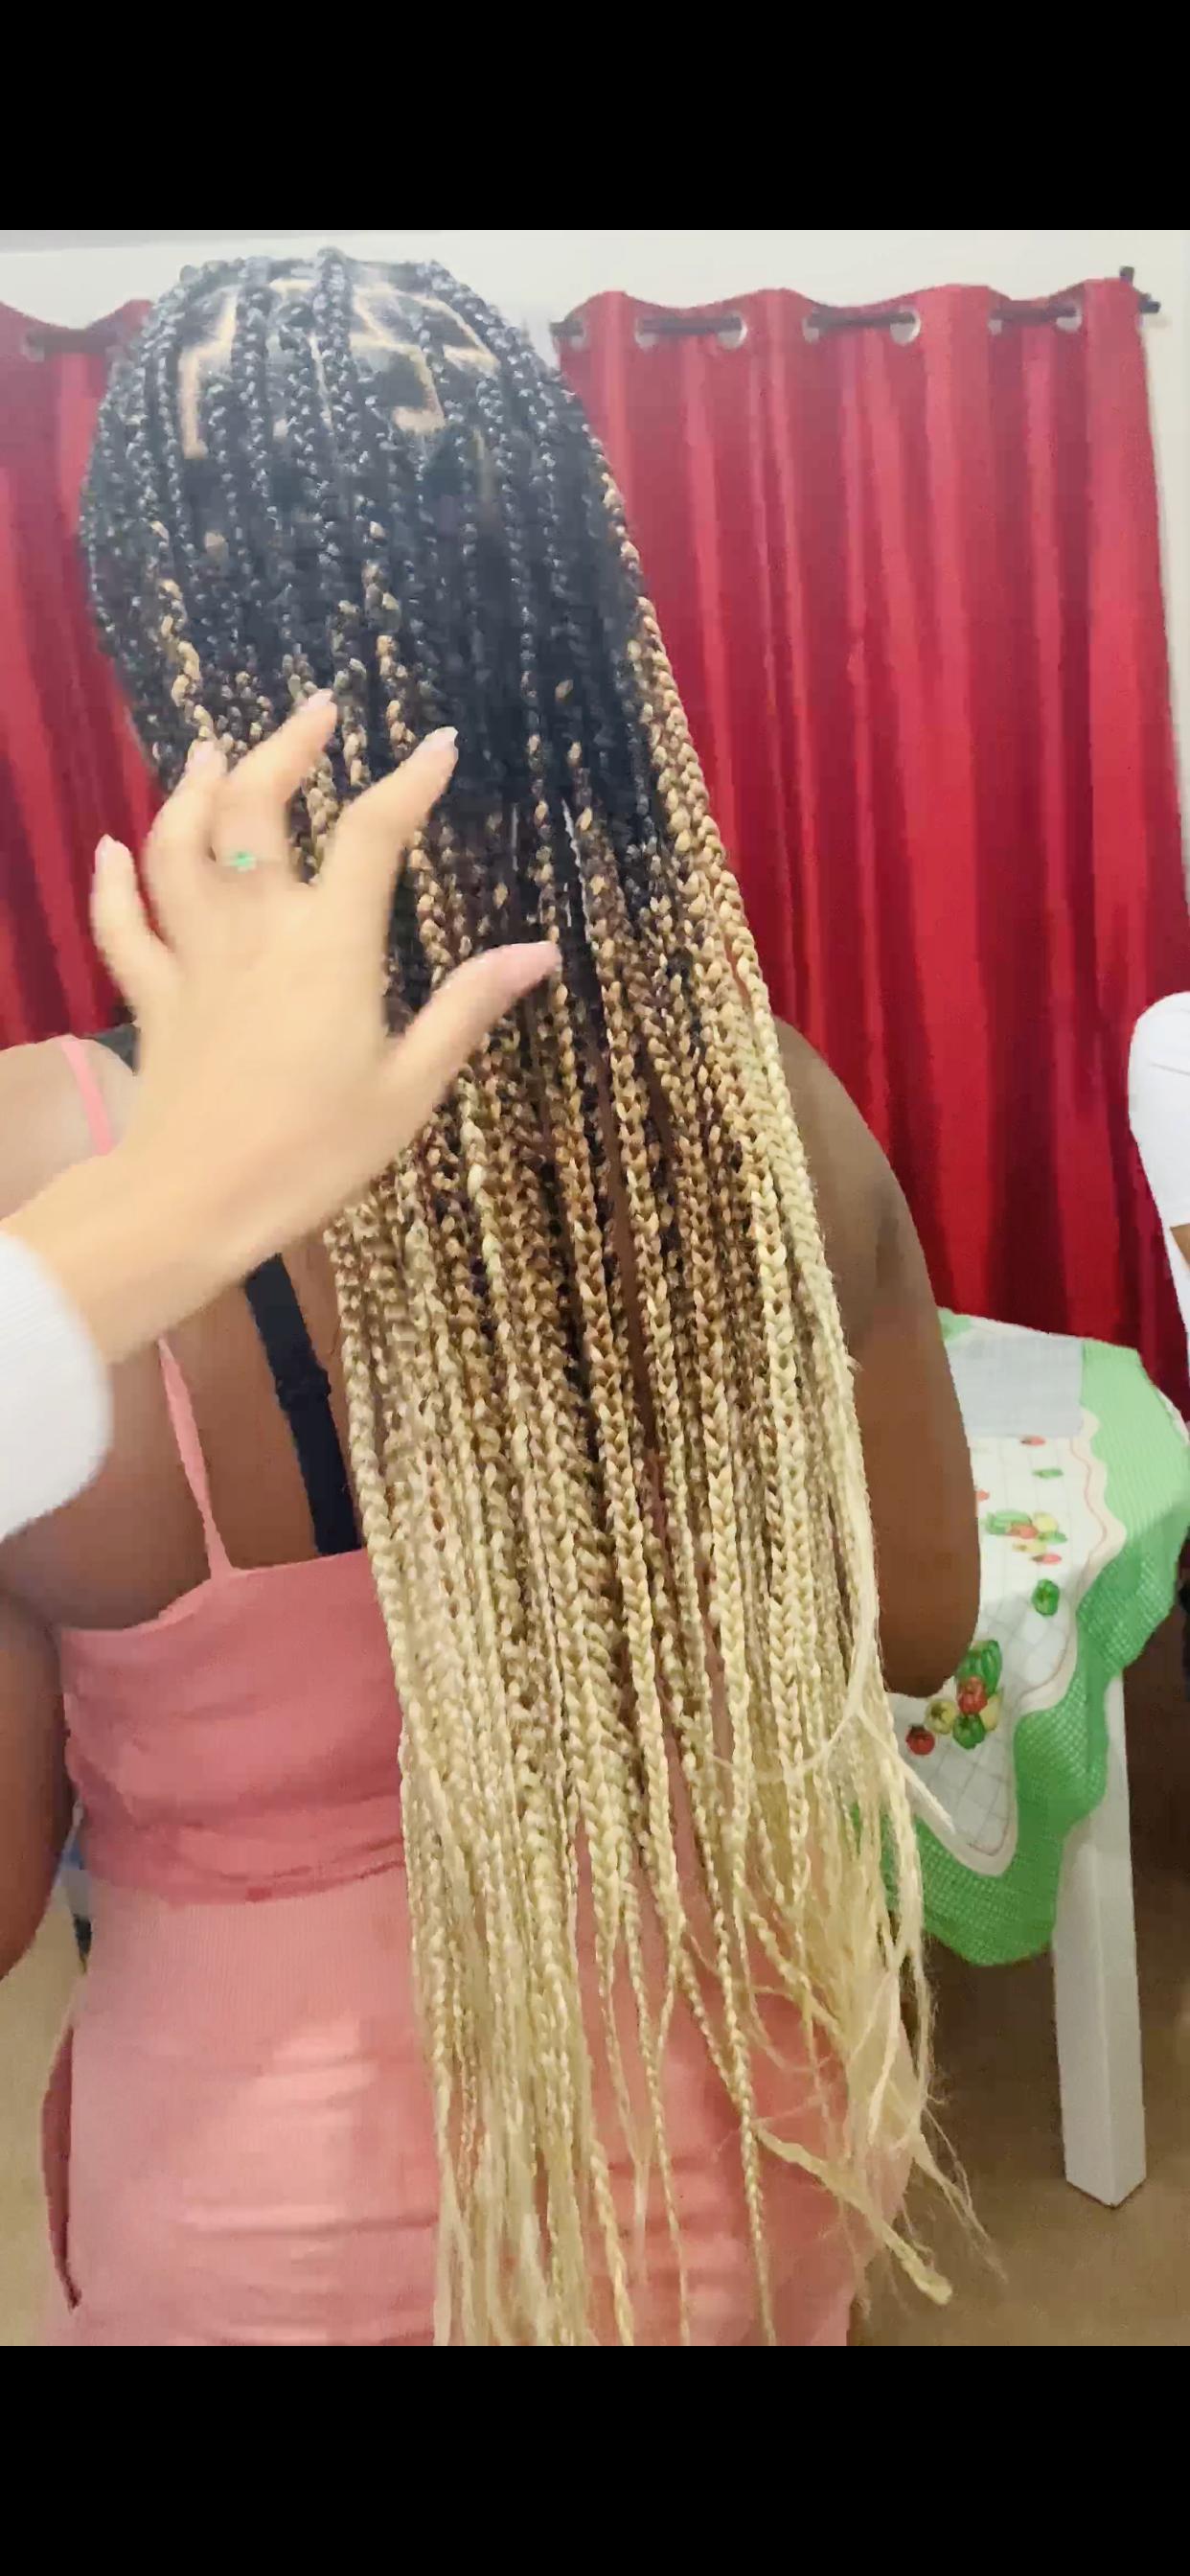 salon de coiffure afro tresse tresses box braids crochet braids vanilles tissages paris 75 77 78 91 92 93 94 95 BMPBGUMC